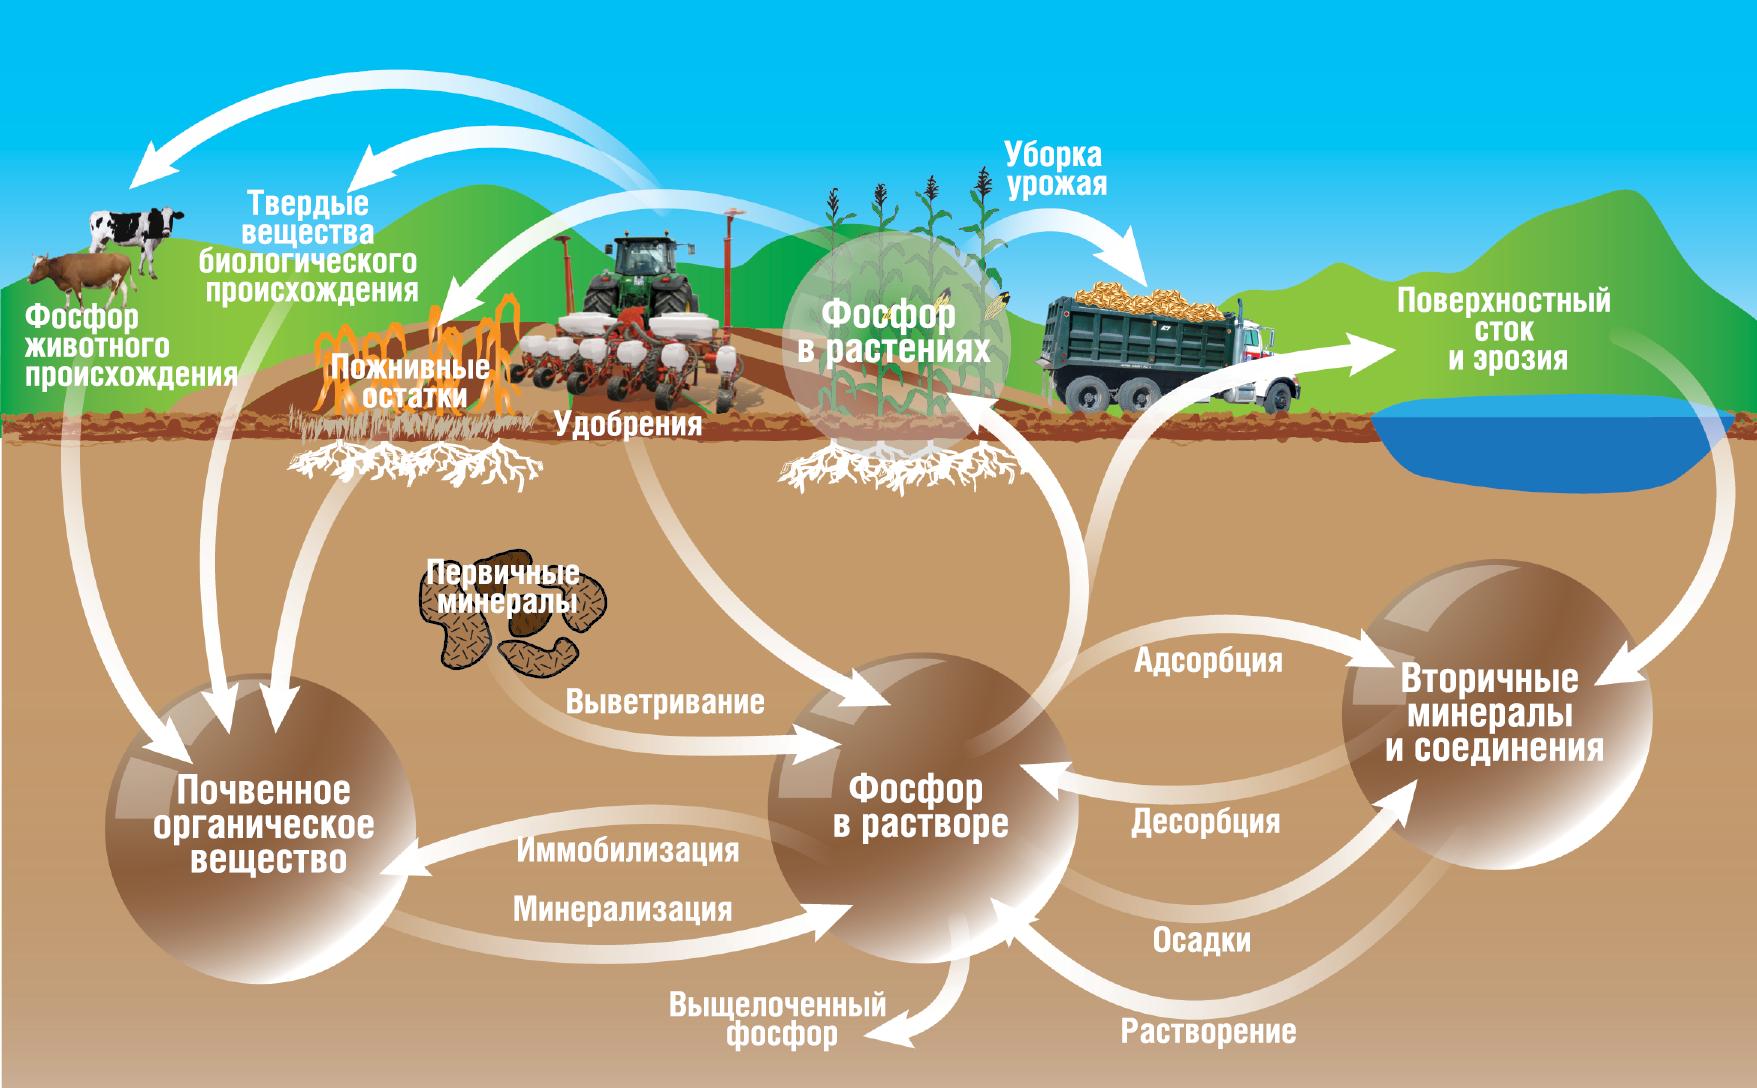 фосфорный цикл